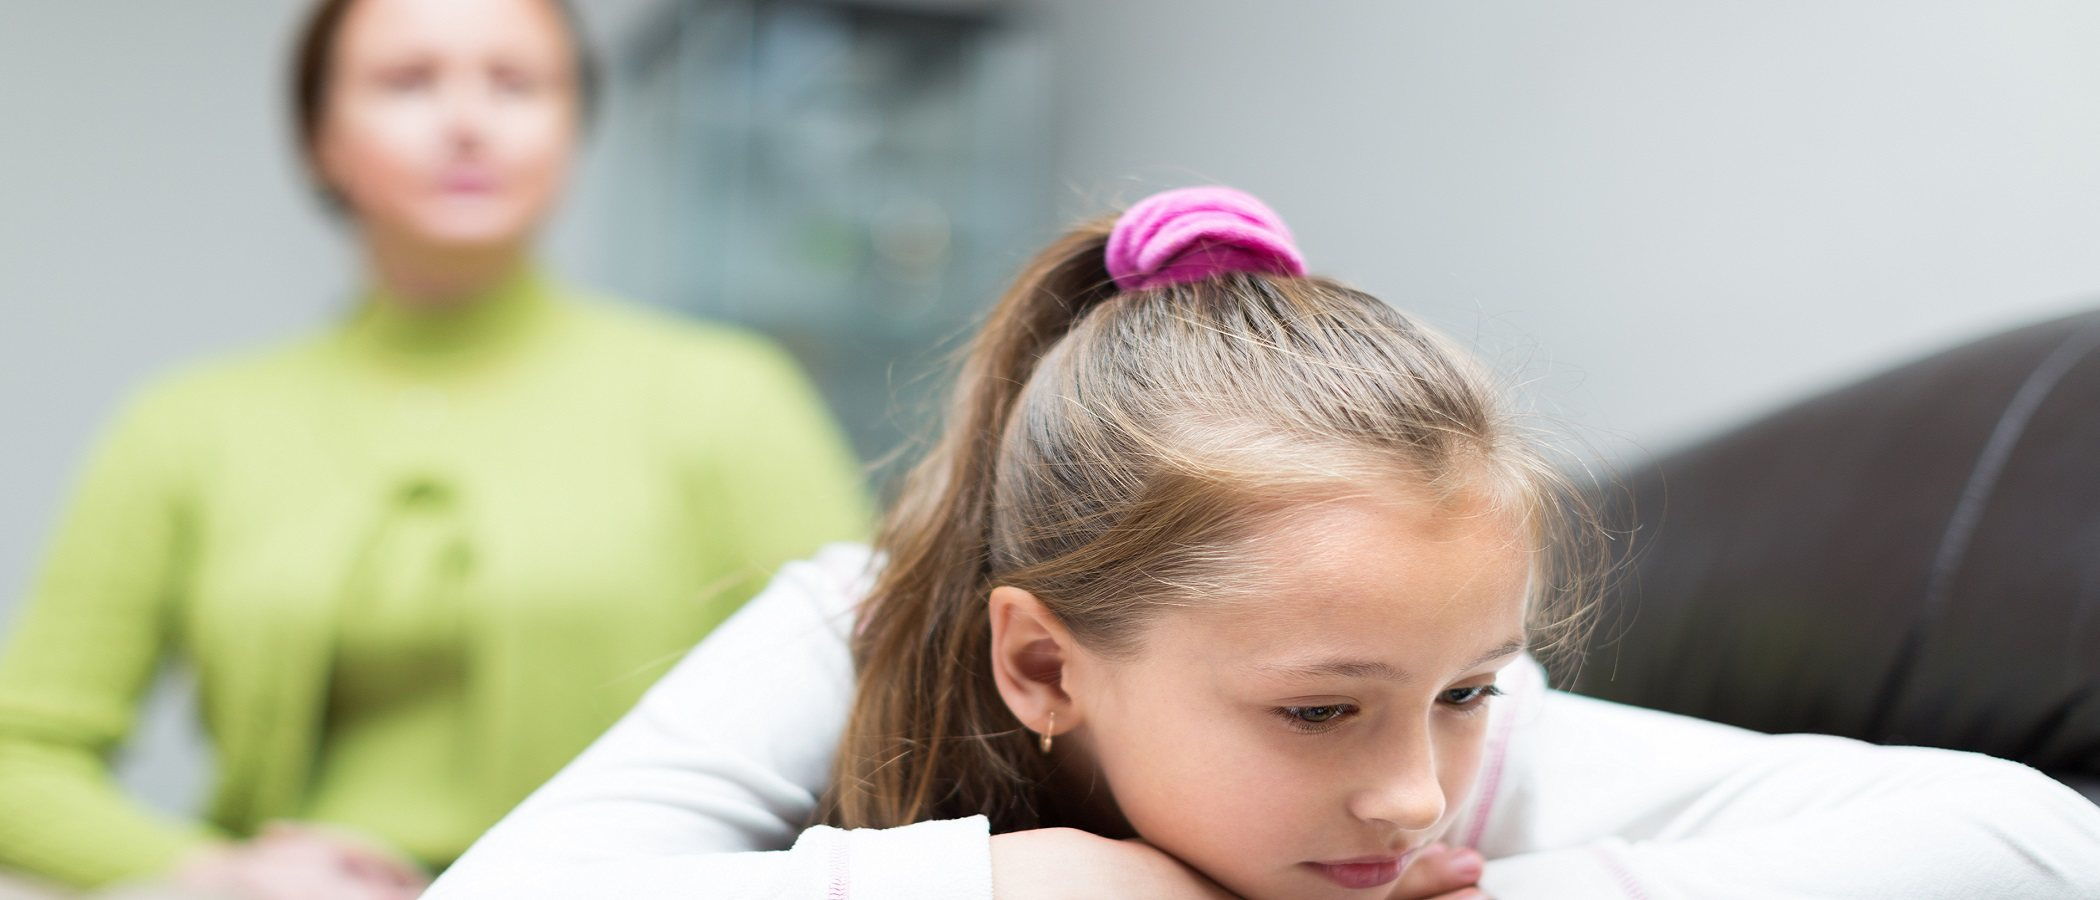 Cómo mejorar el comportamiento de un niño irrespetuoso